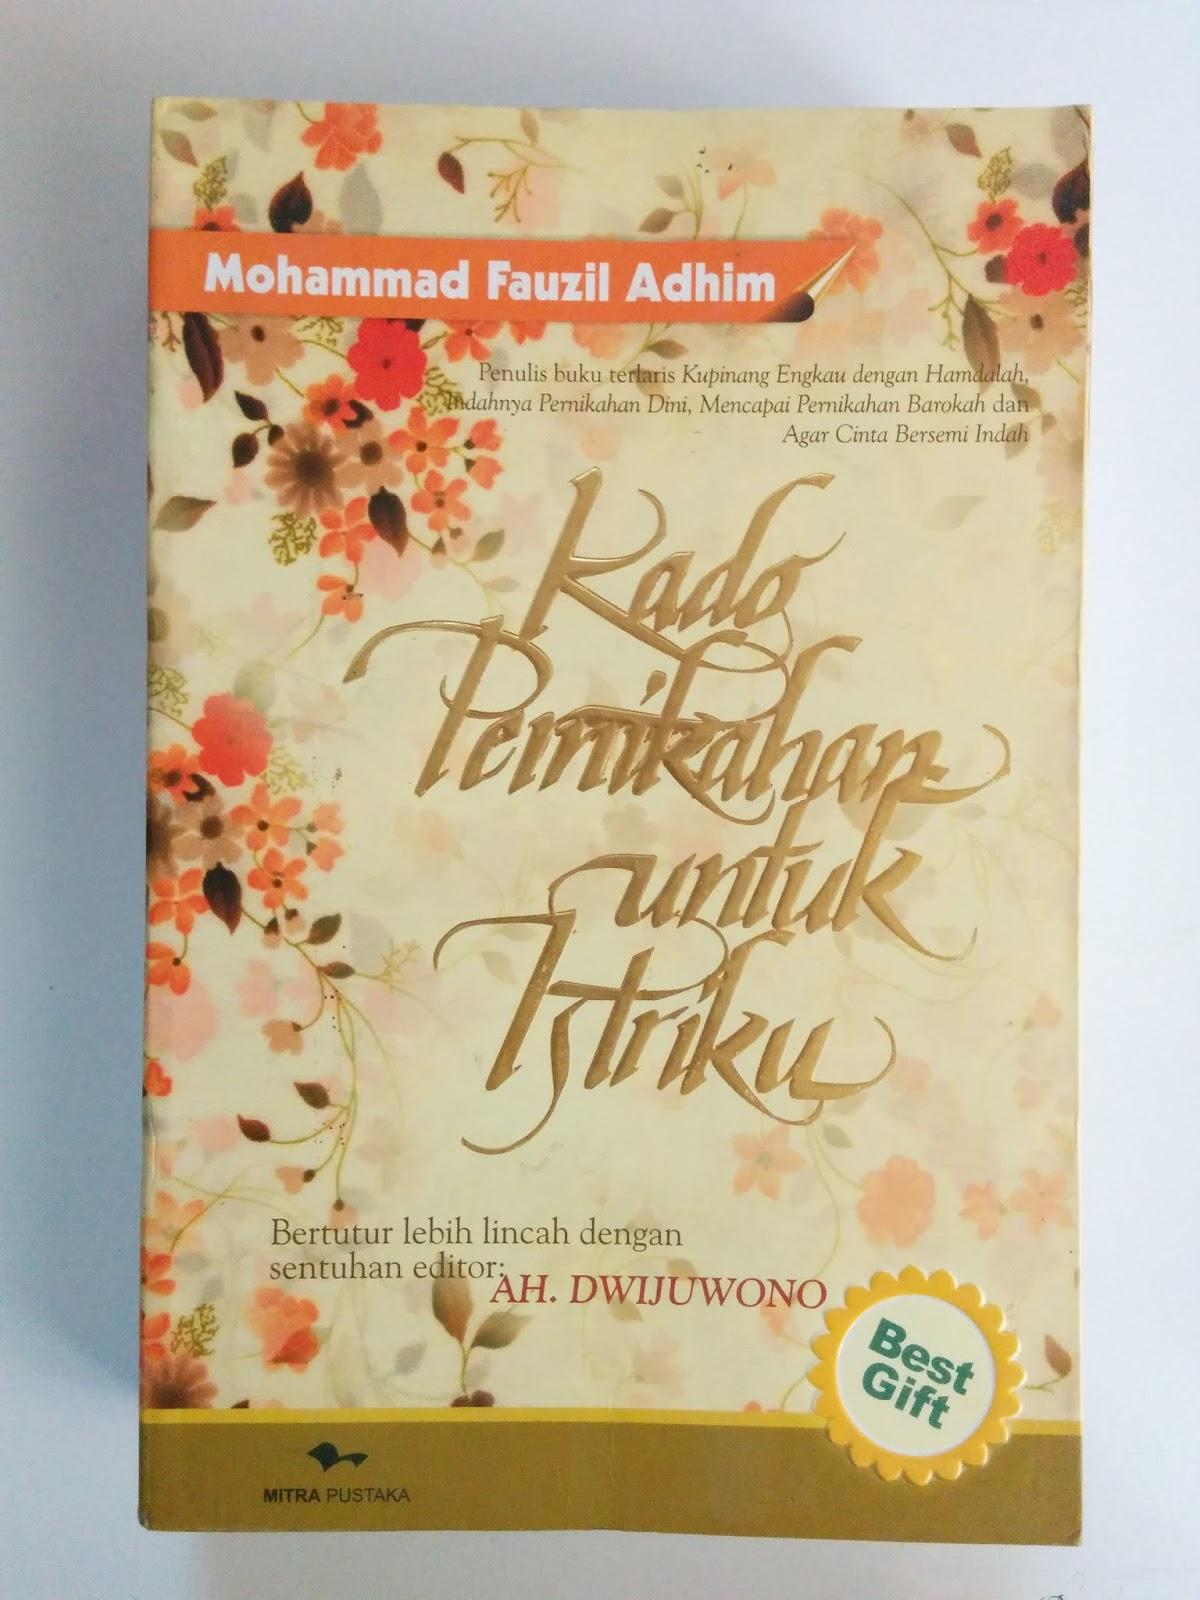 Buku Karya Mohammad Fauzil Adhim